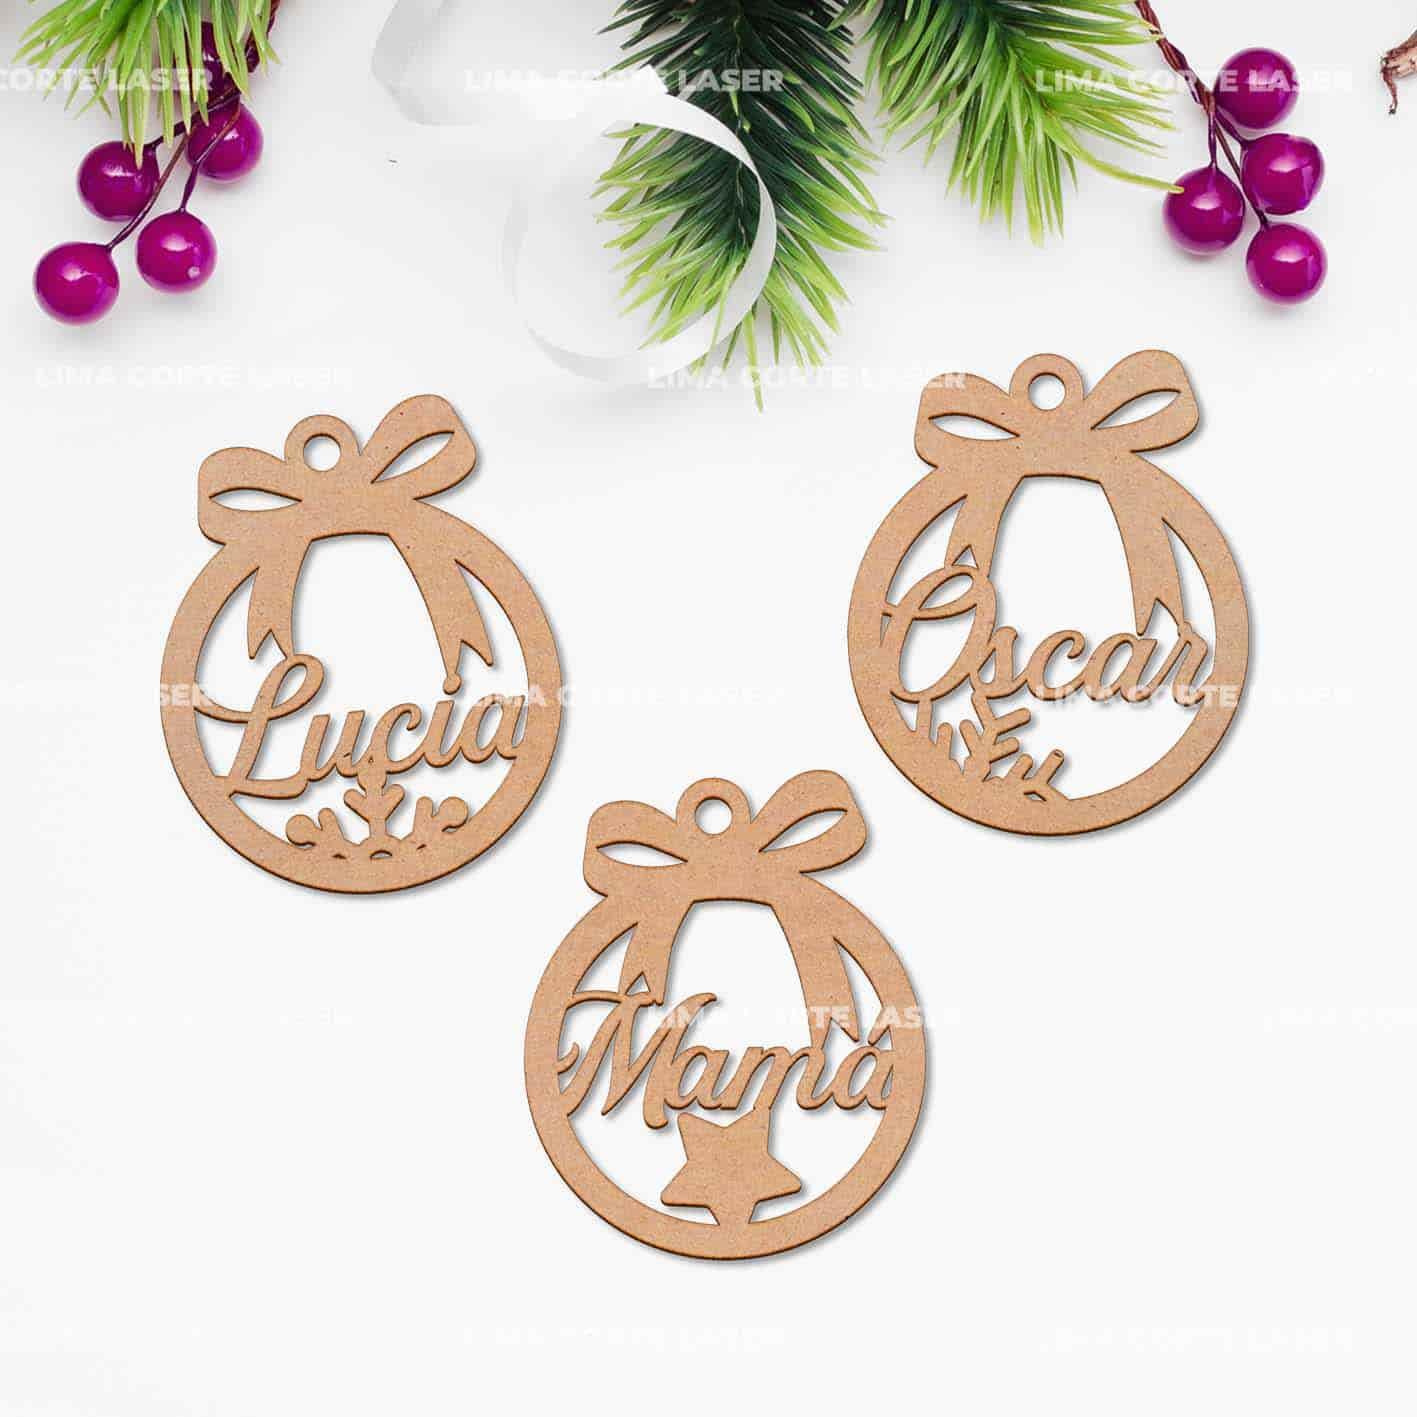 Bolas de navidad personalizadas de madera con nombres Lucia Oscar y Mamá